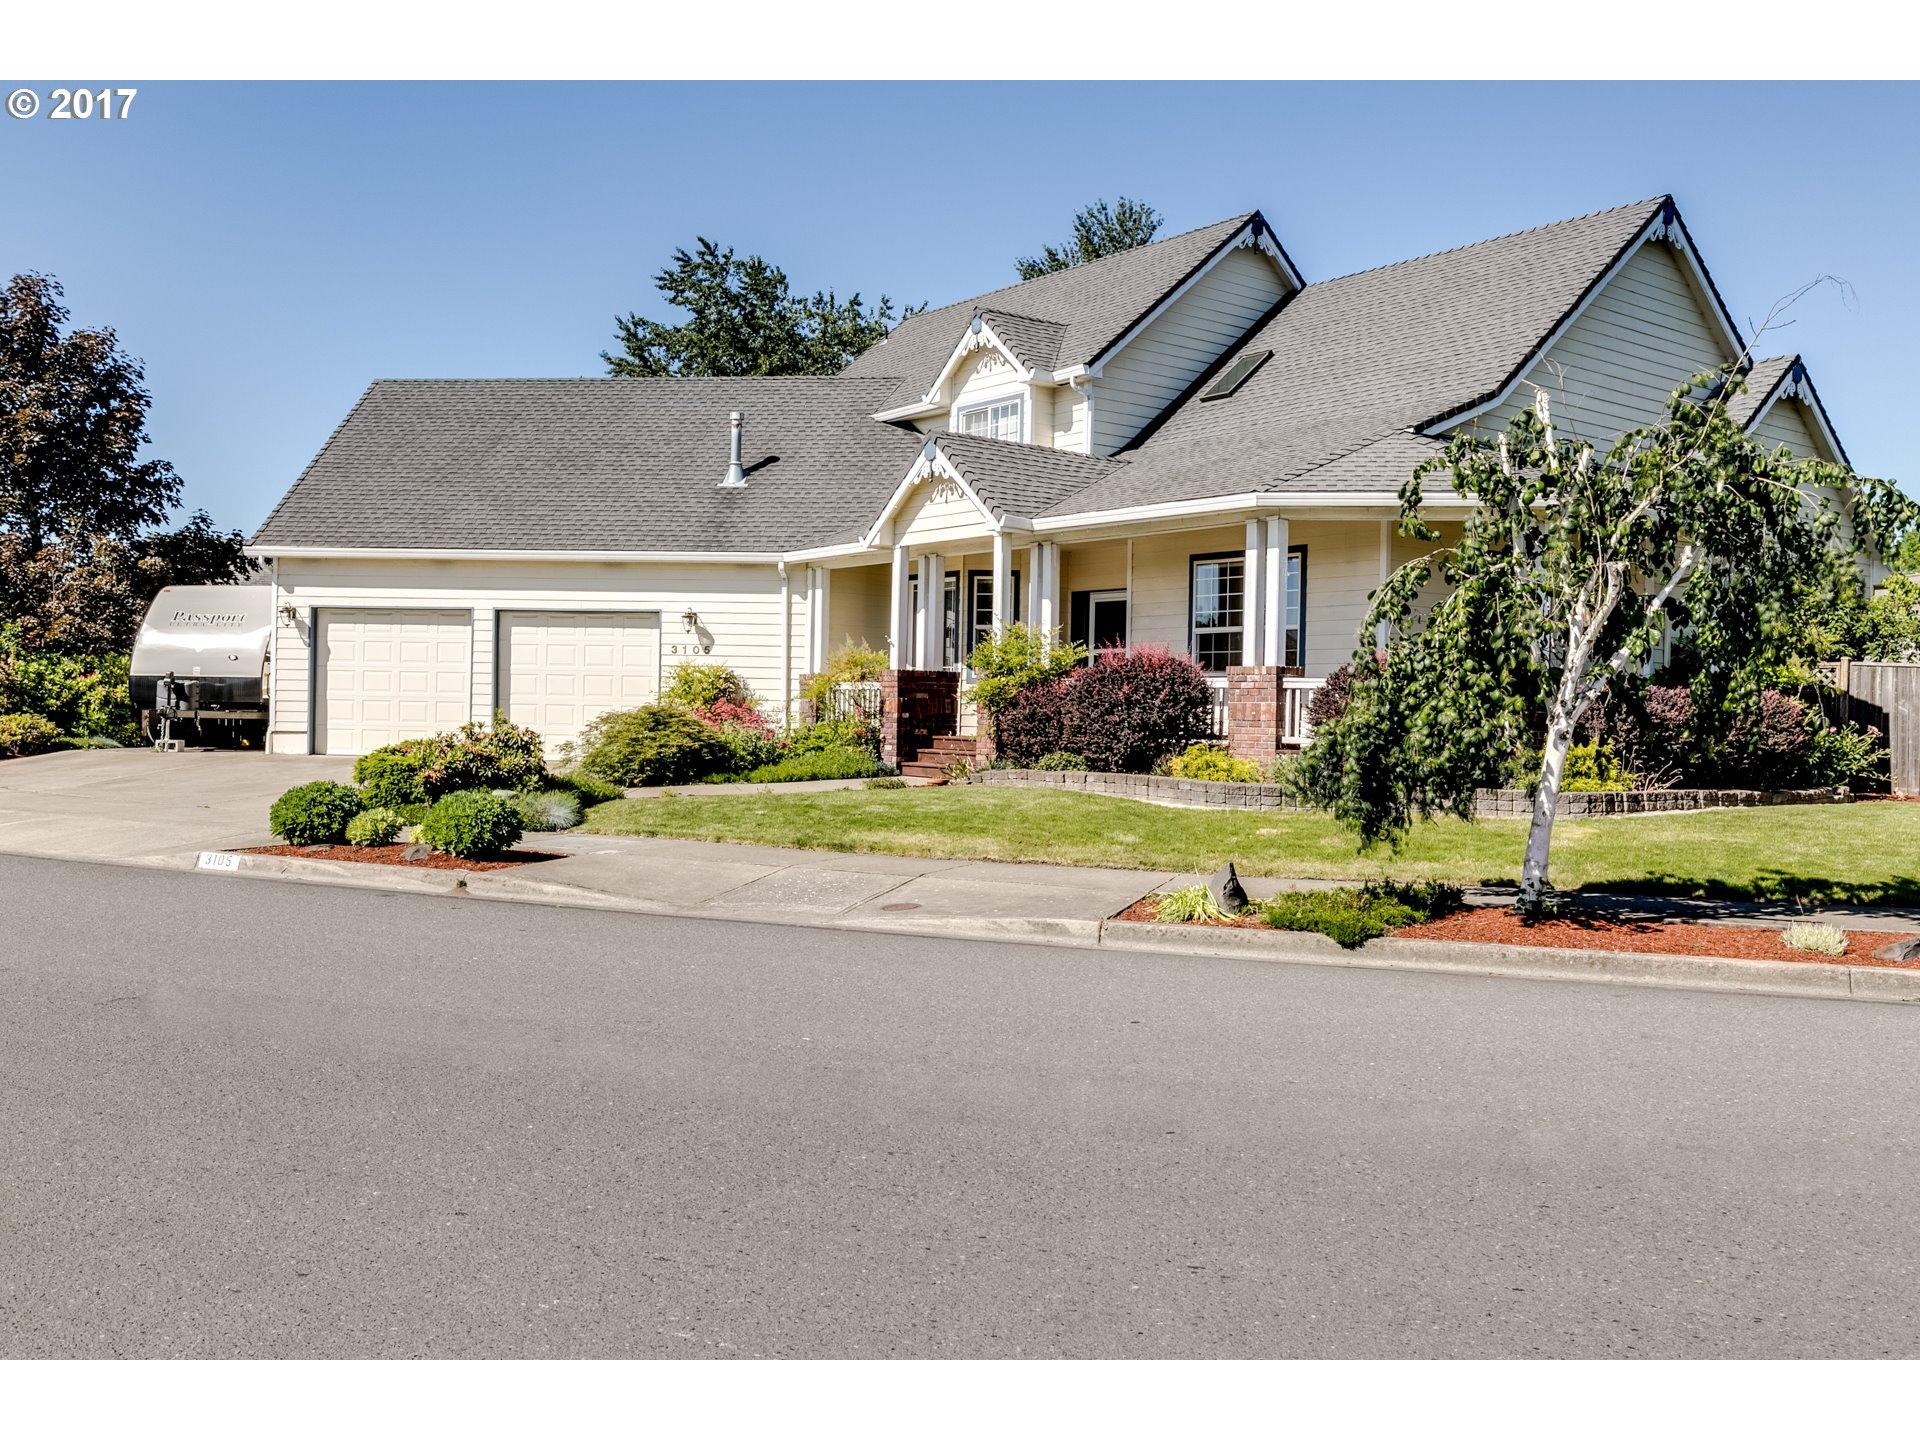 3105 ARROWHEAD ST, Eugene, OR 97404